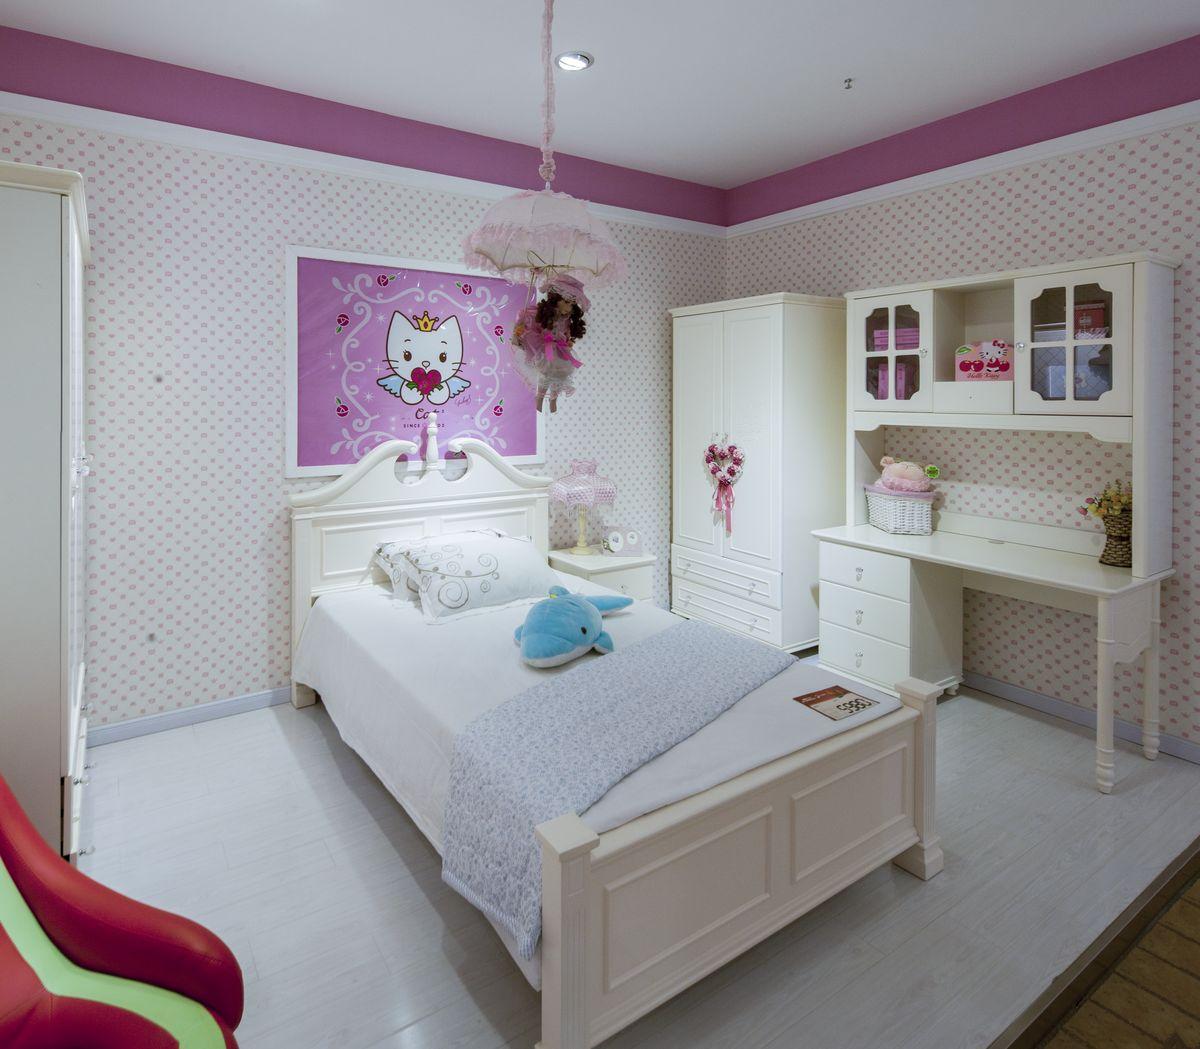 装修,衣柜,床,现在卧室风格,欧式卧室风格,设计理念,家具展厅,儿童图片